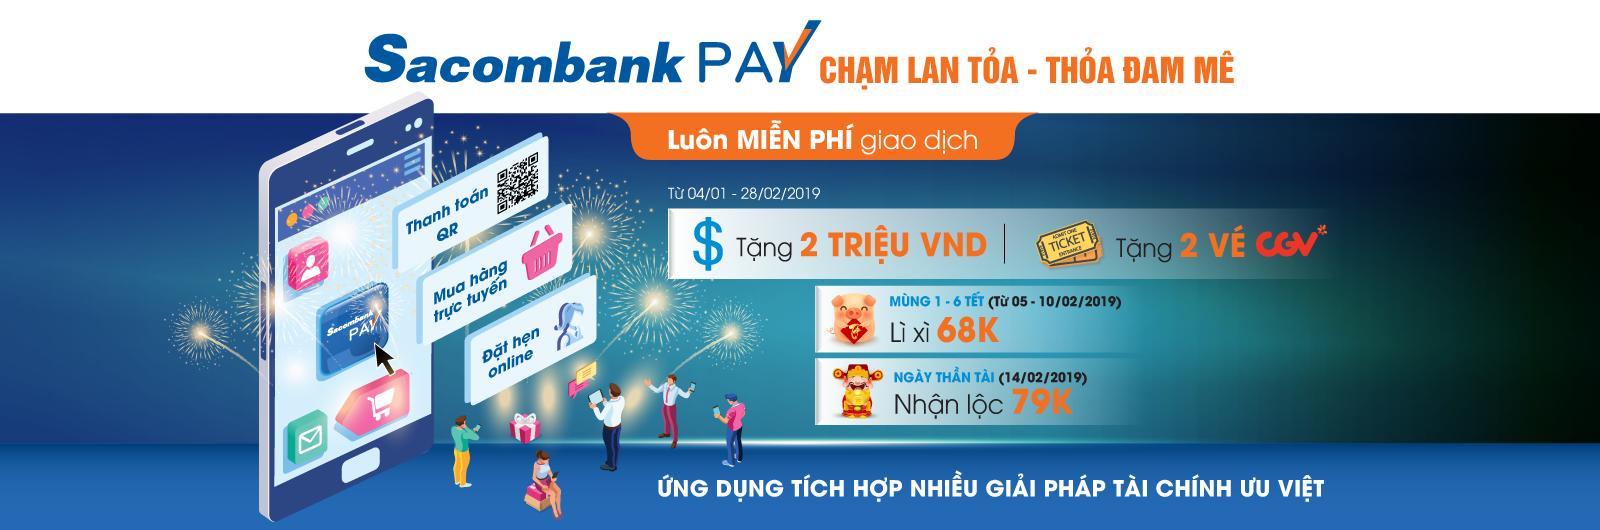 Sacombank: Chạm lan tỏa - Thỏa đam mê